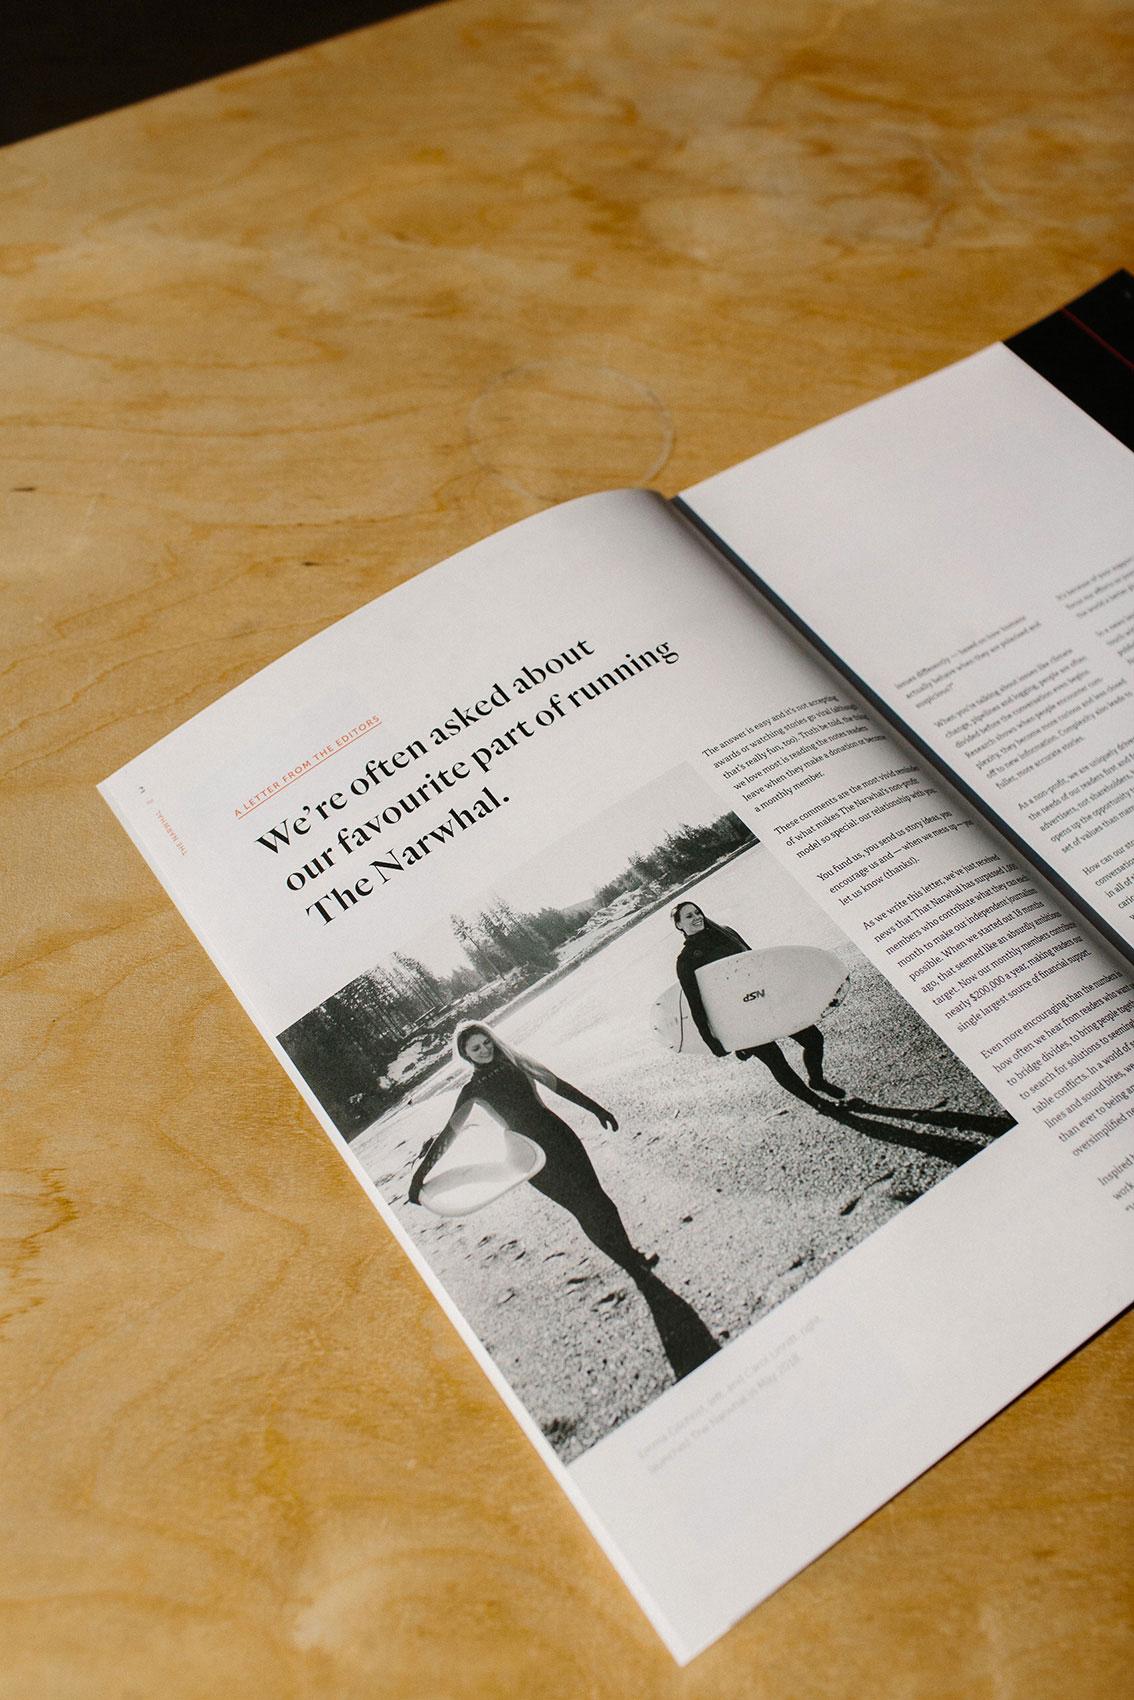 Typography and Design Details for The Narwhal Print Magazine | www.alicia-carvalho.com | www.alicia-carvalho.com